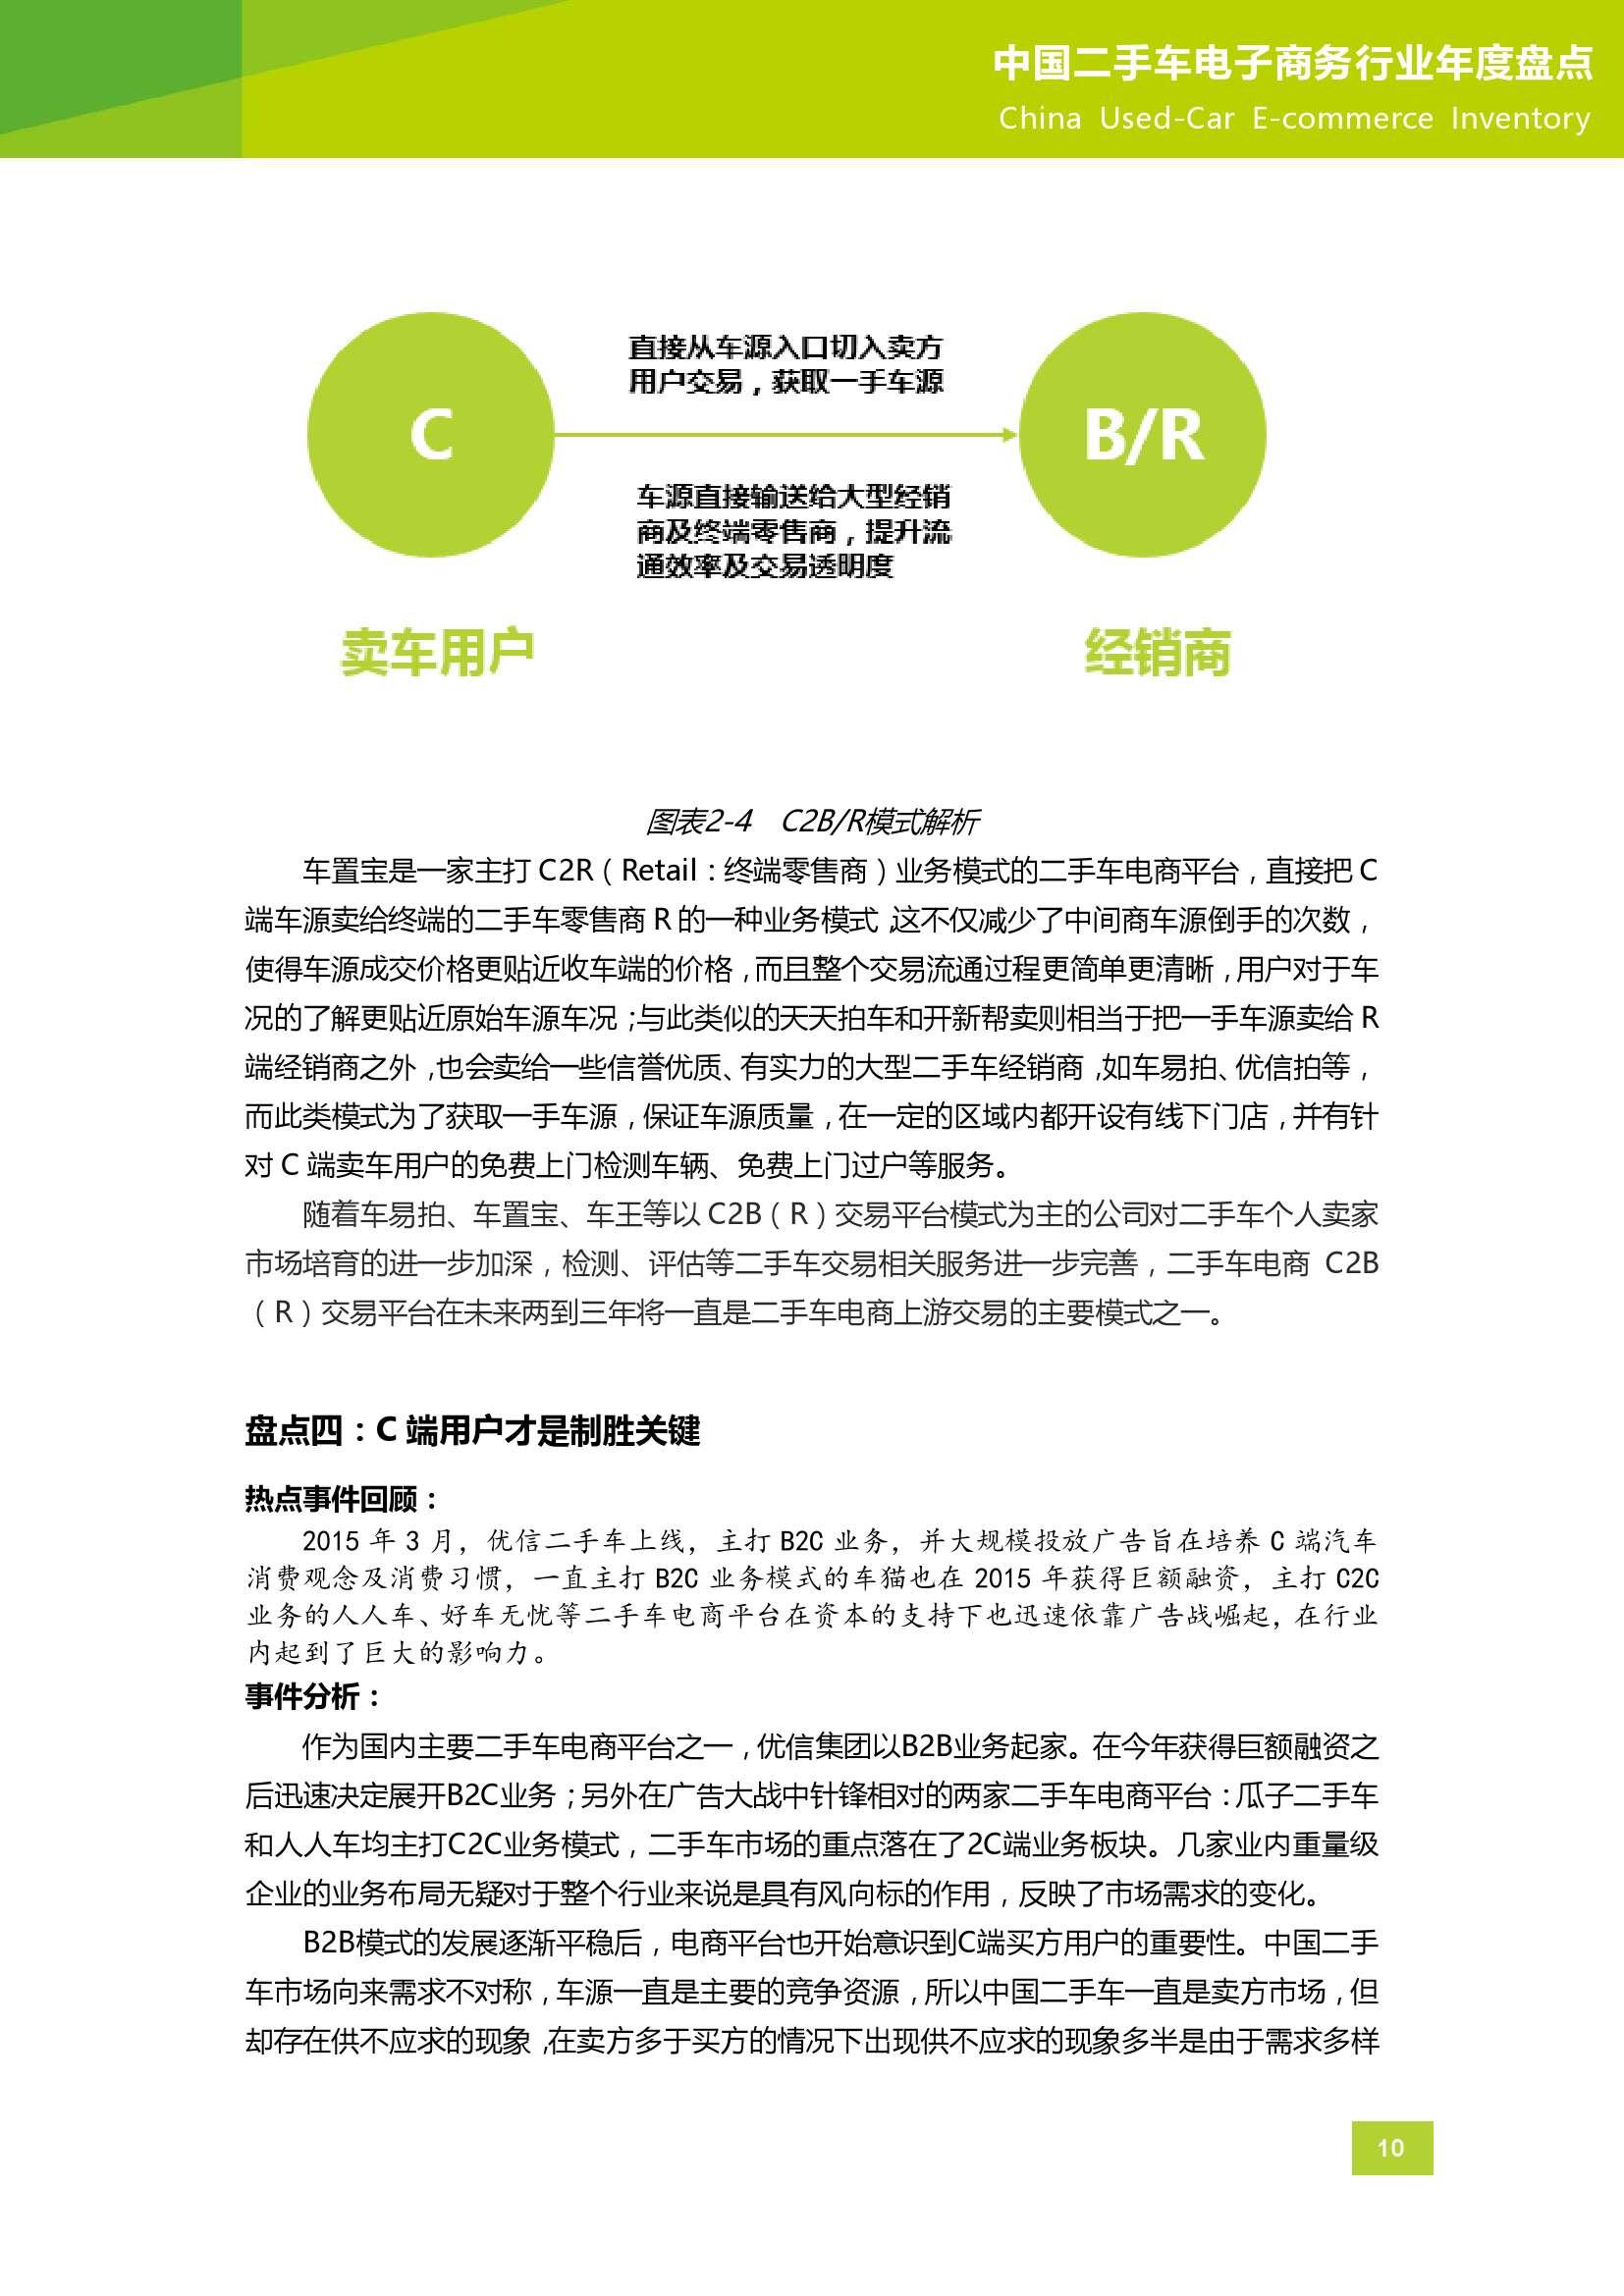 2015年中国二手车电子商务行业年度盘点_000011